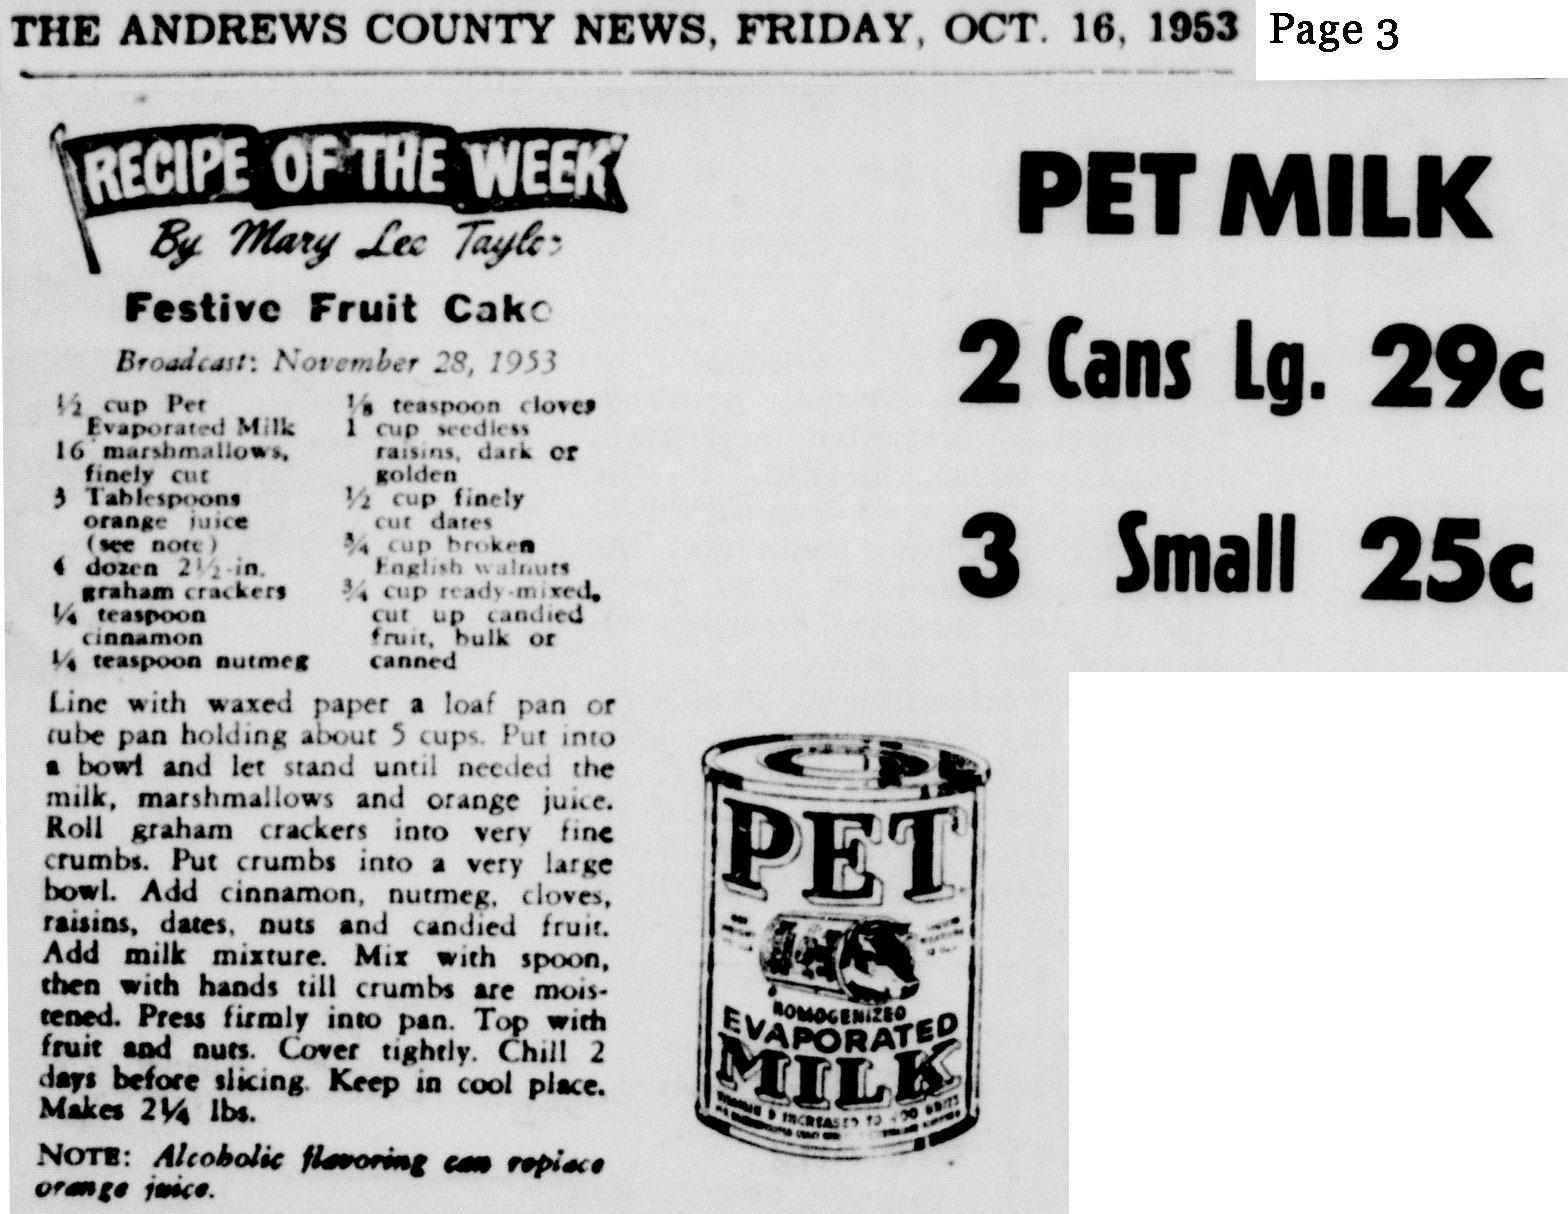 Pet No-Bake Festive Fruit Cake Recipe 1953